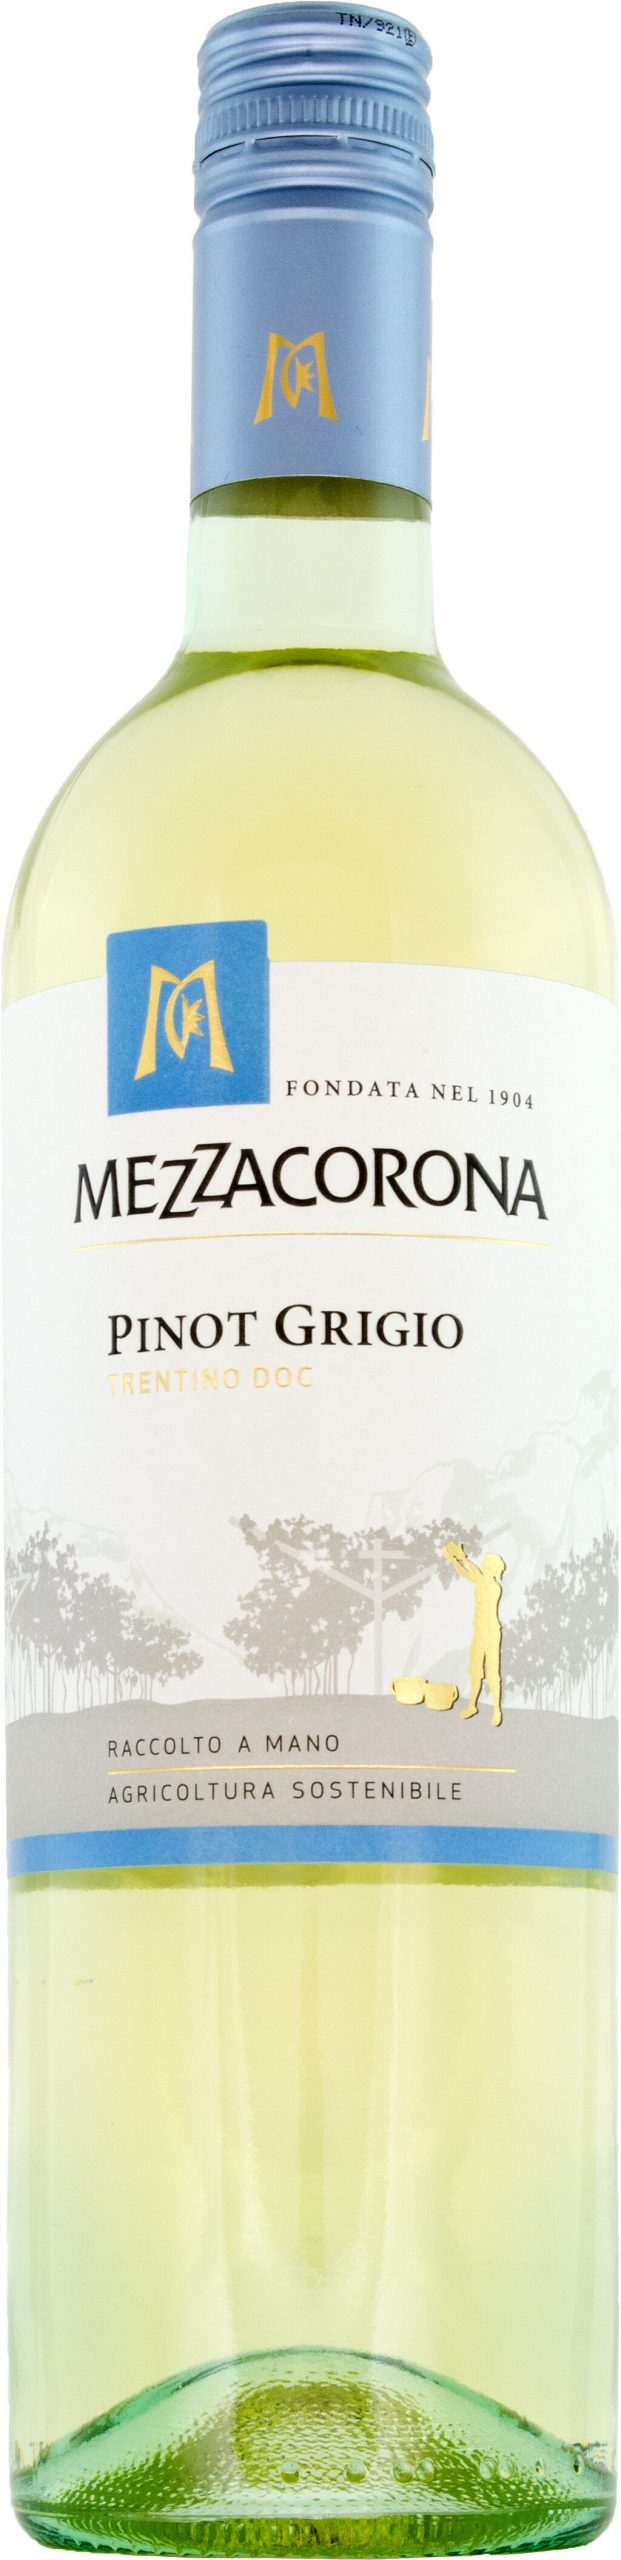 Mezzacorona Pinot Grigio